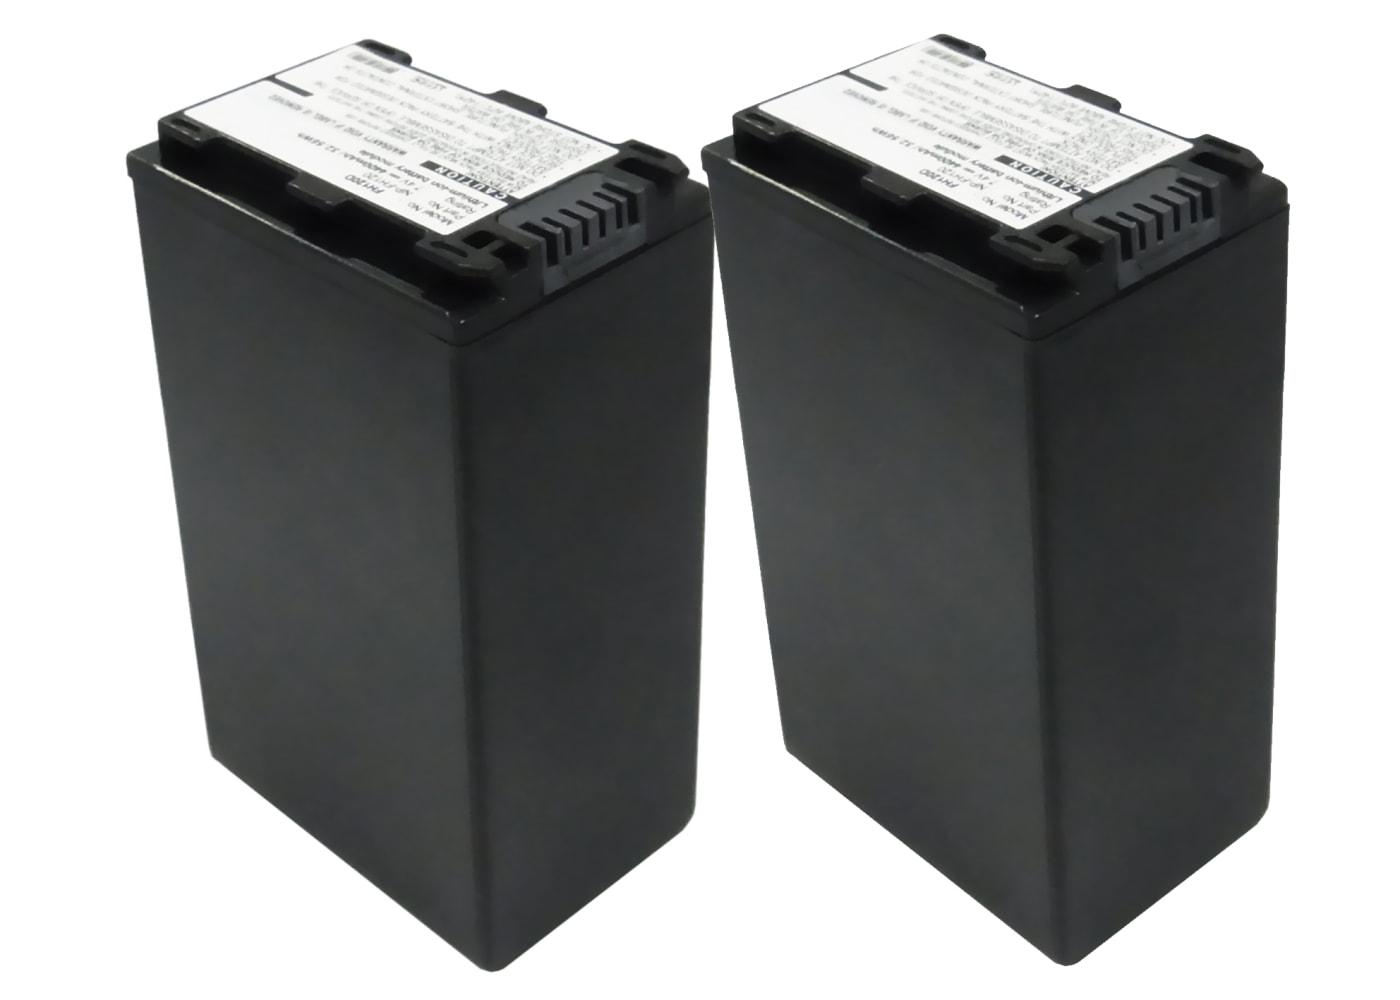 2x Batterie pour appareil photo Sony DCR-SR32 -SR35 -SR37 DCR-SX30 HDR-SR11 HDR-SR12 HDR-CX105 HDR-HC9 DCR-HC23 - NP-FH40 -FH50 -FH60 -FH70 4400mAh Batterie Remplacement